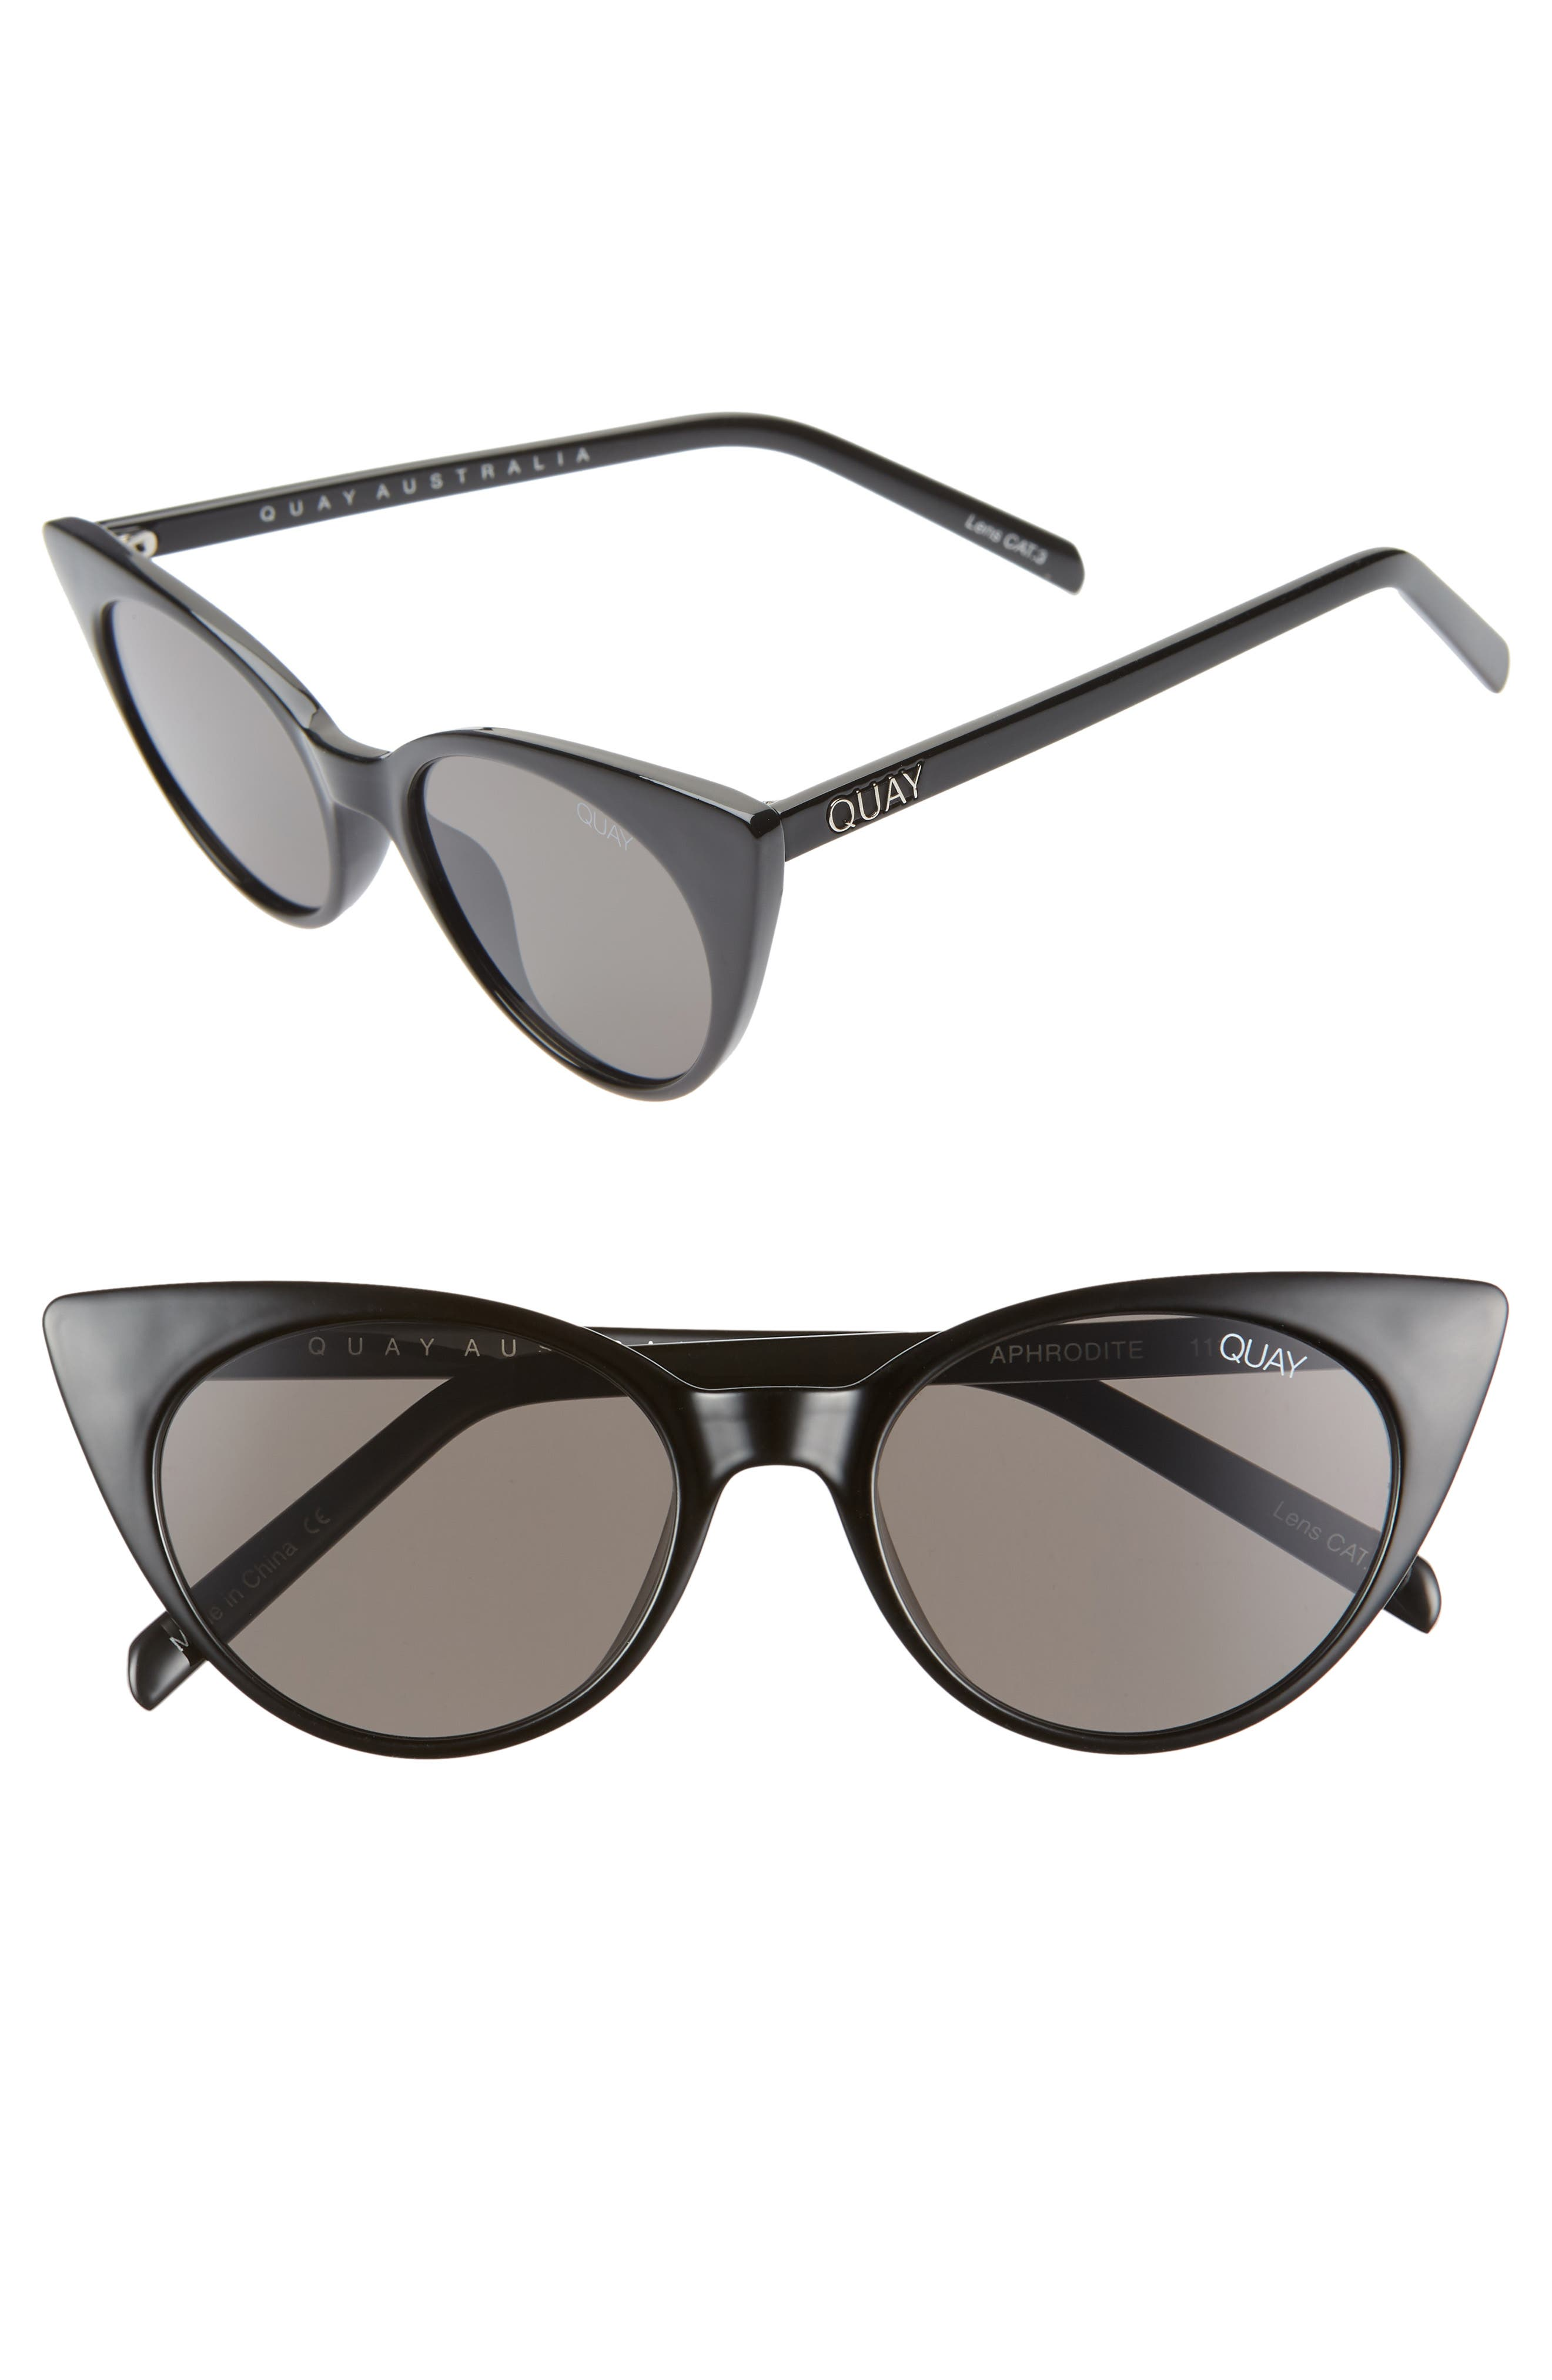 b9495add5627b Quay Australia Aphrodite 5m Cat Eye Sunglasses - Black  Smoke